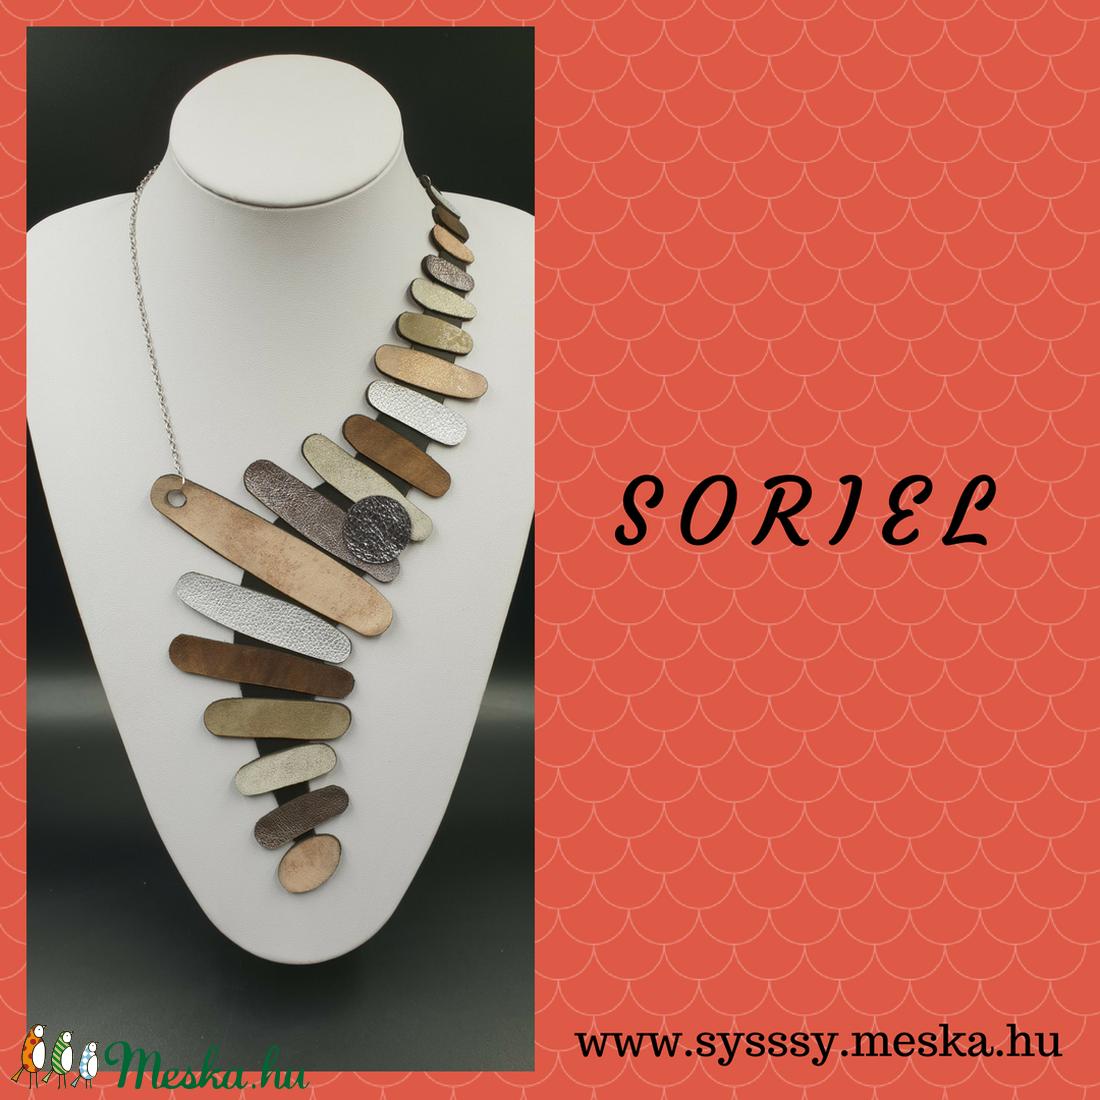 Soriel egyedi bőr nyaklánc (Sysssy) - Meska.hu